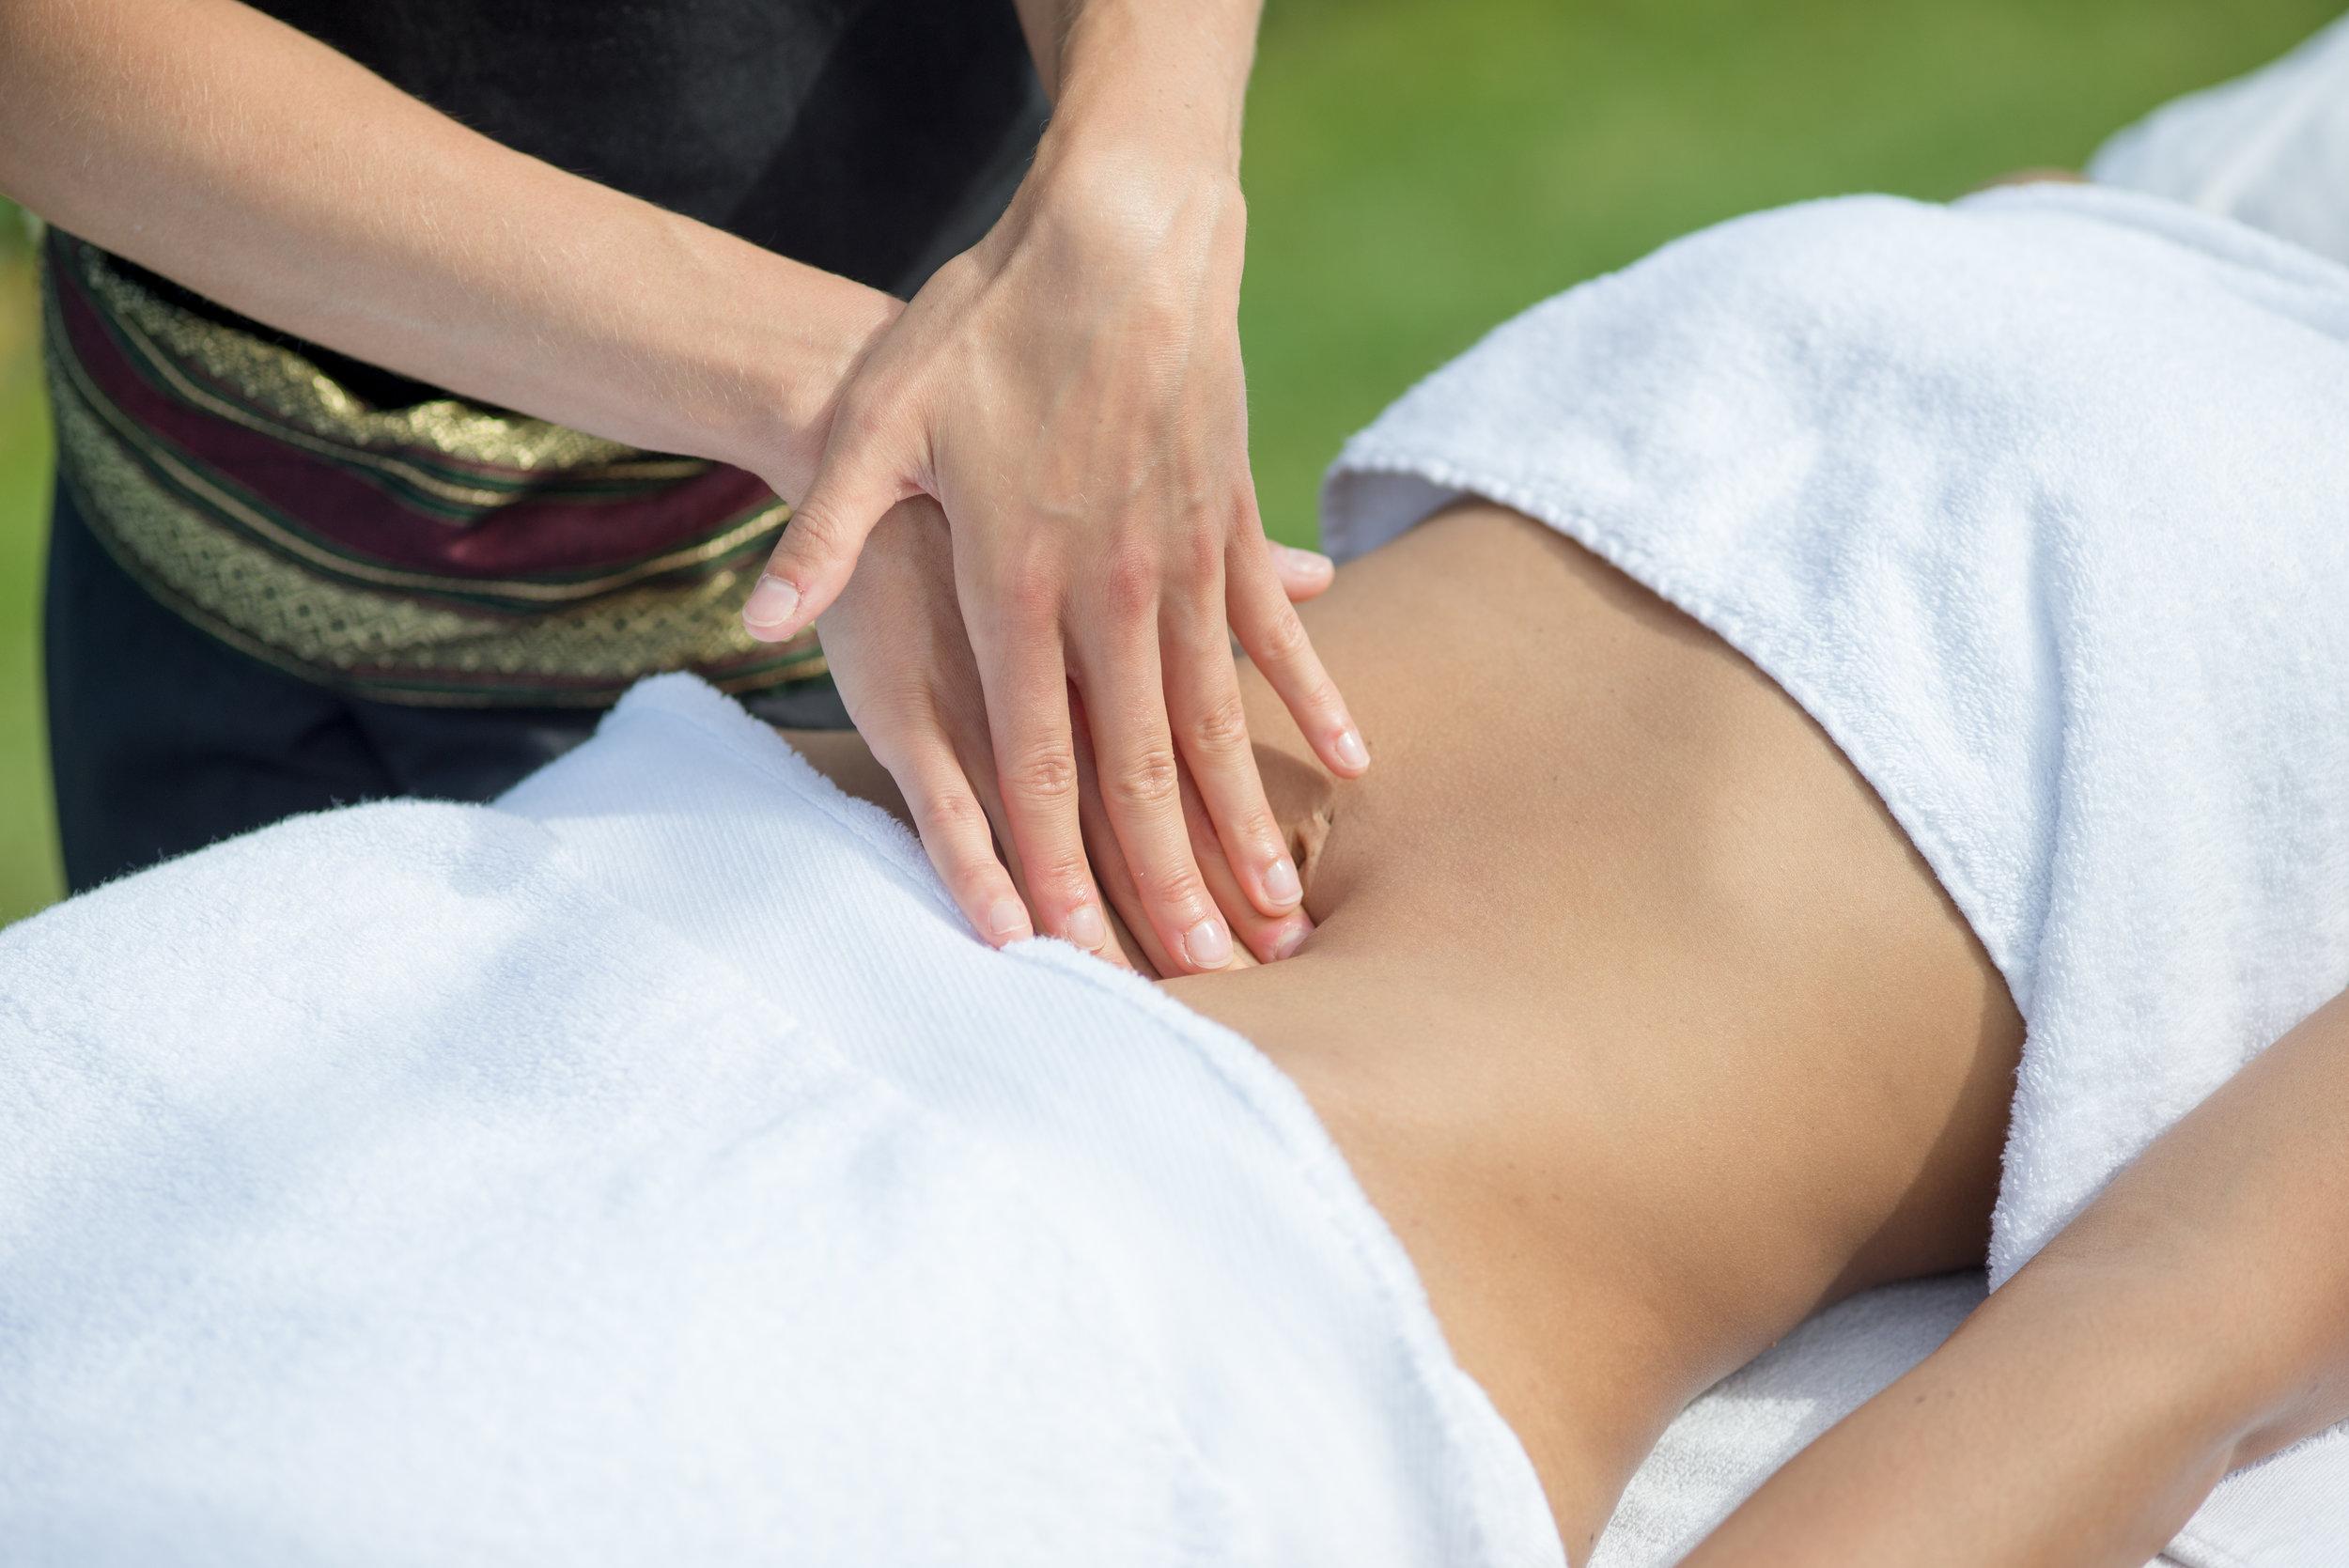 bihai-massages-biarritz-paris-pays-basque-massage-du-ventre-abdominal-visceres-michel-cymes.jpg